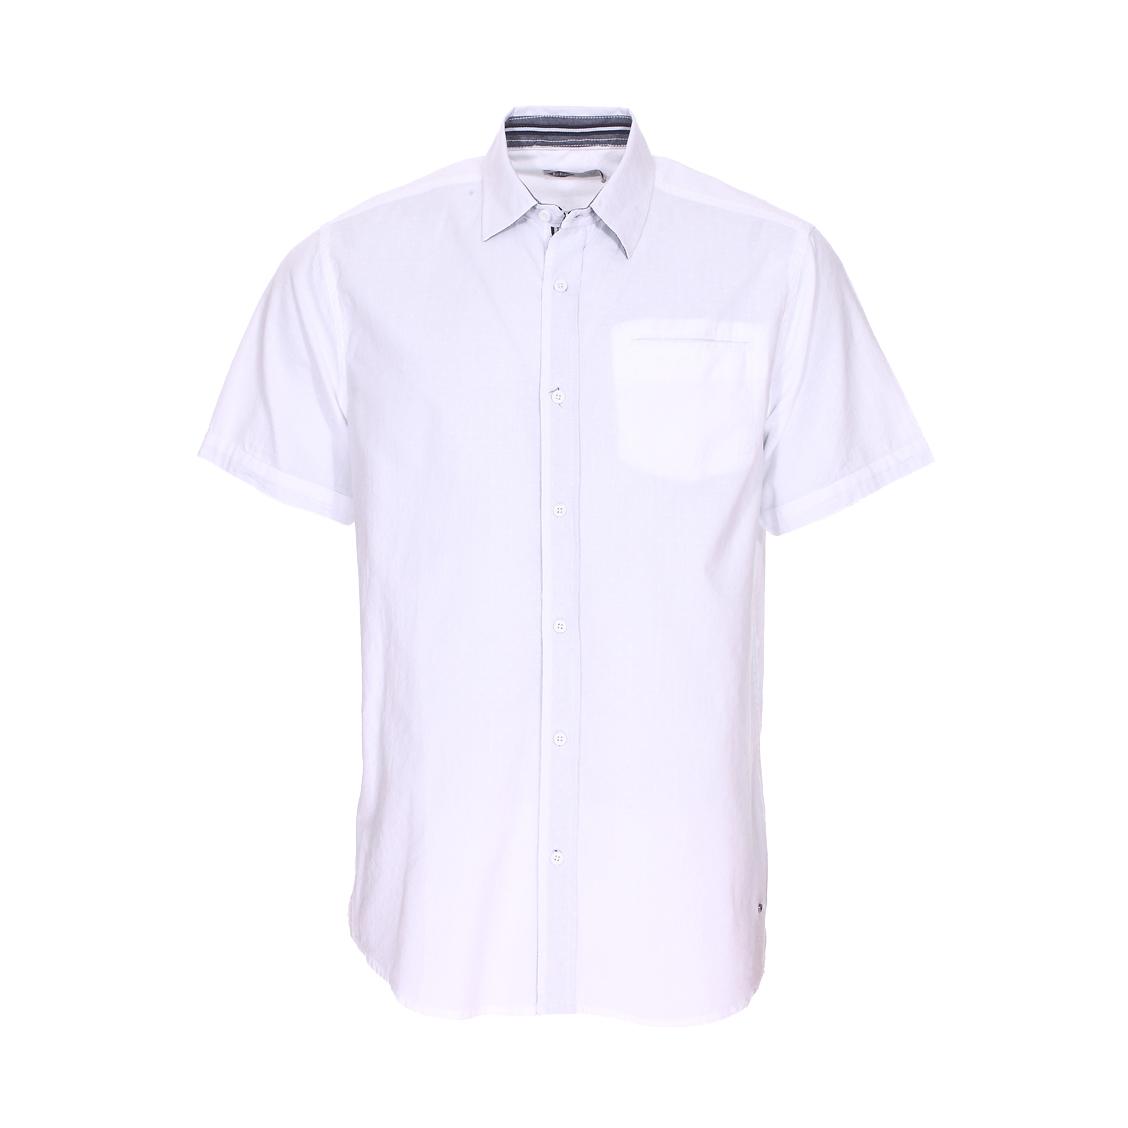 Chemise droite manches courtes  dodger en coton blanc à détails graphiques ton sur ton